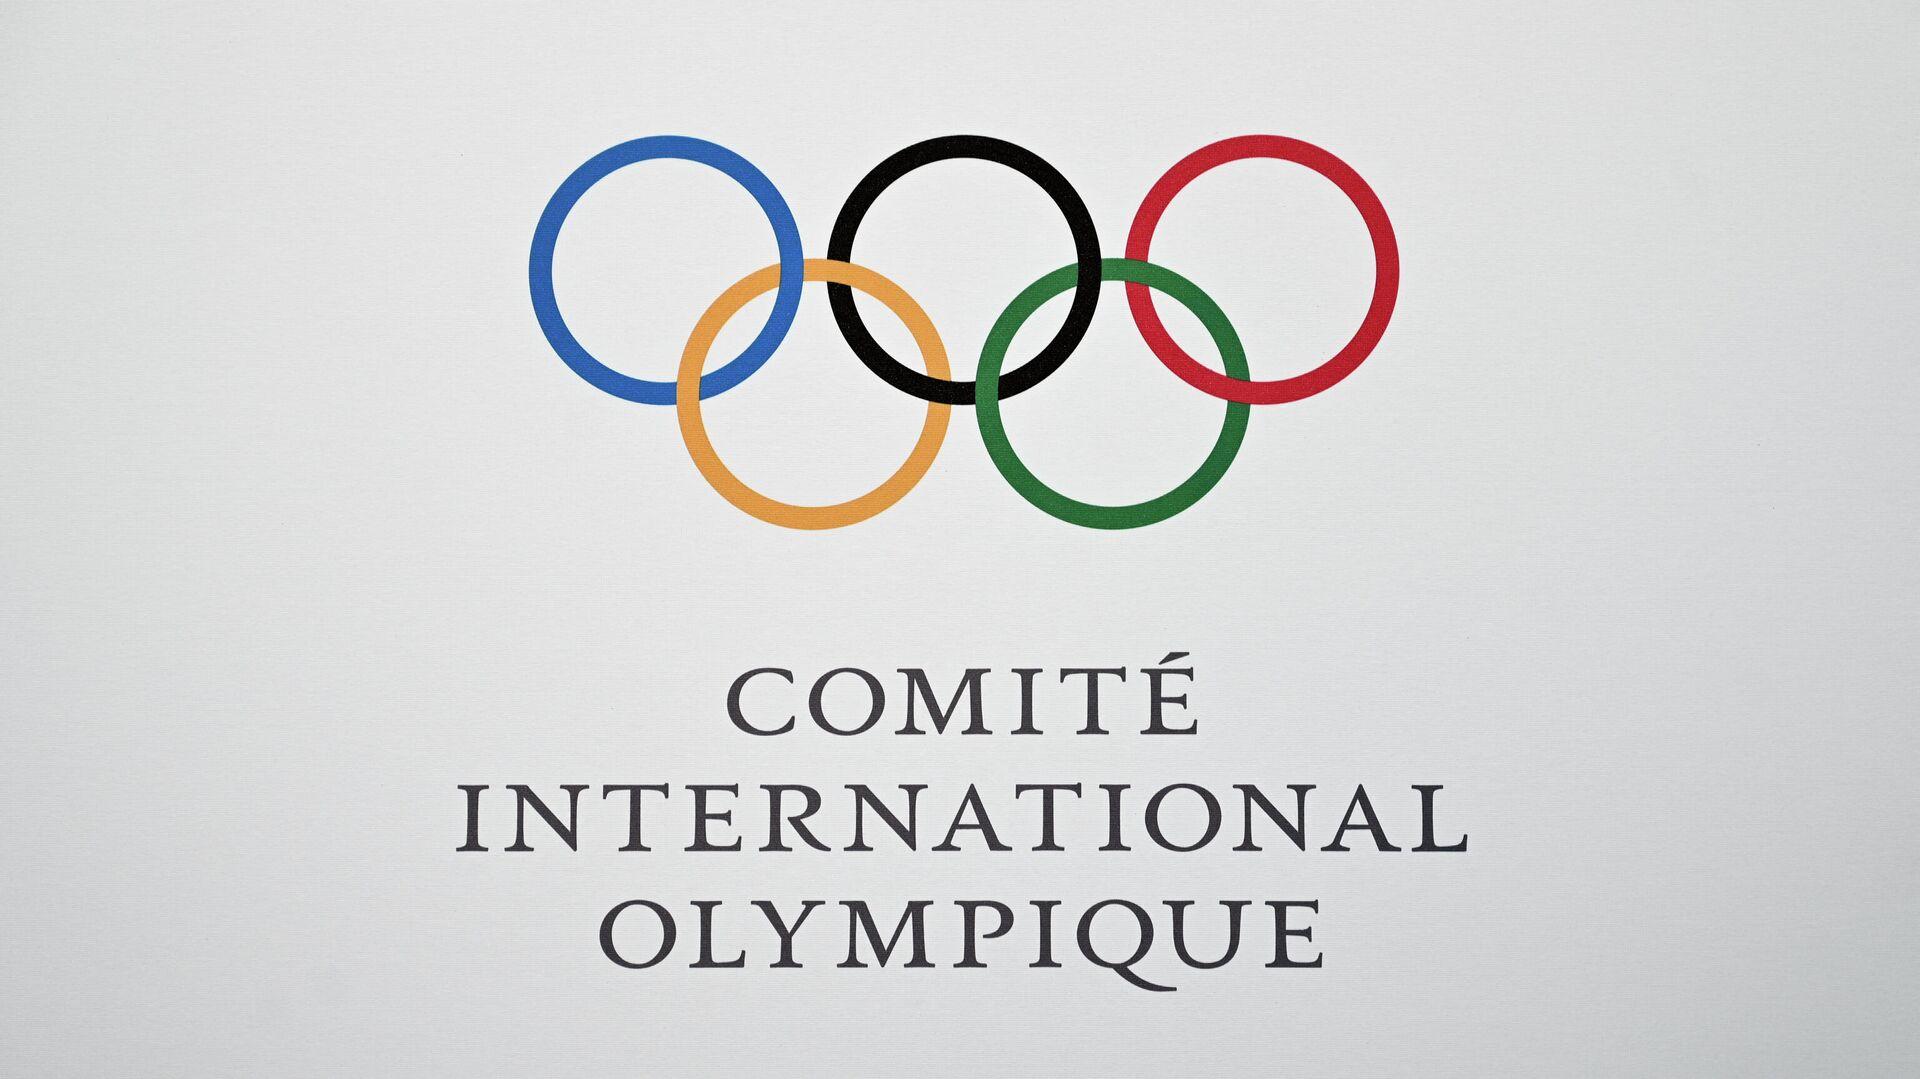 Логотип Международного олимпийского комитета (МОК) - РИА Новости, 1920, 20.07.2021